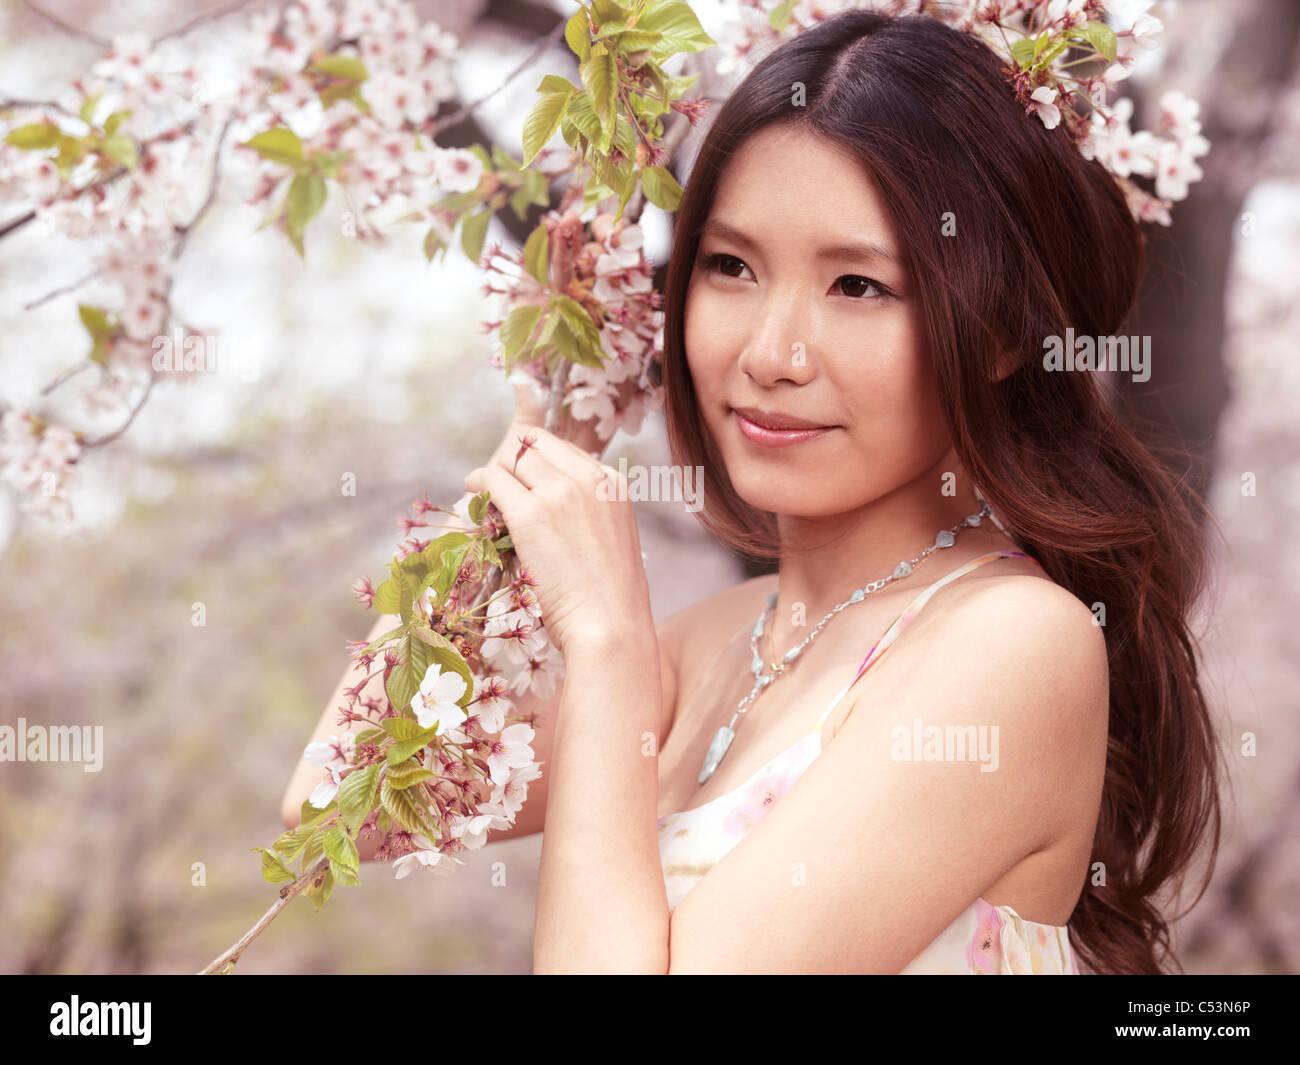 Ritratto di una giovane e bella sorridente donna asiatica sta in piedi in una fioritura di ciliegio in un parco Immagini Stock